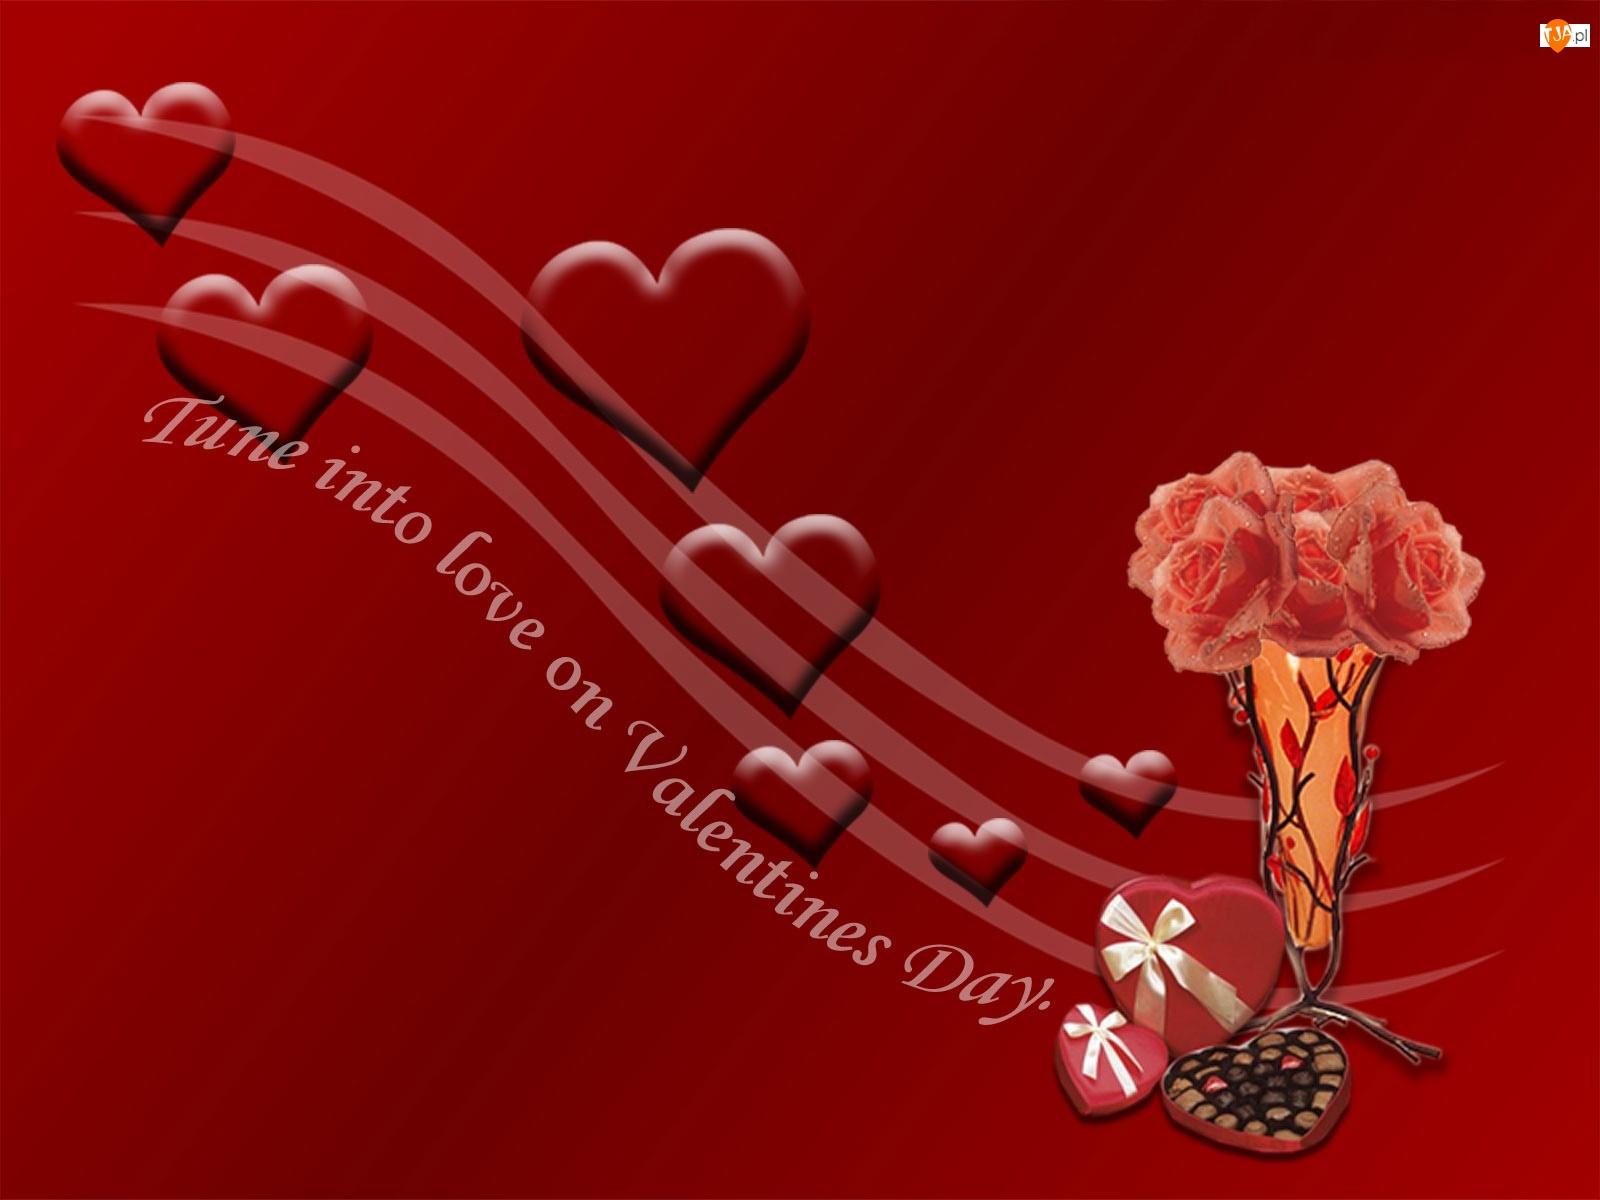 Bukiecik, Walentynki, Czerwone, Miłość, Serduszka, Róż